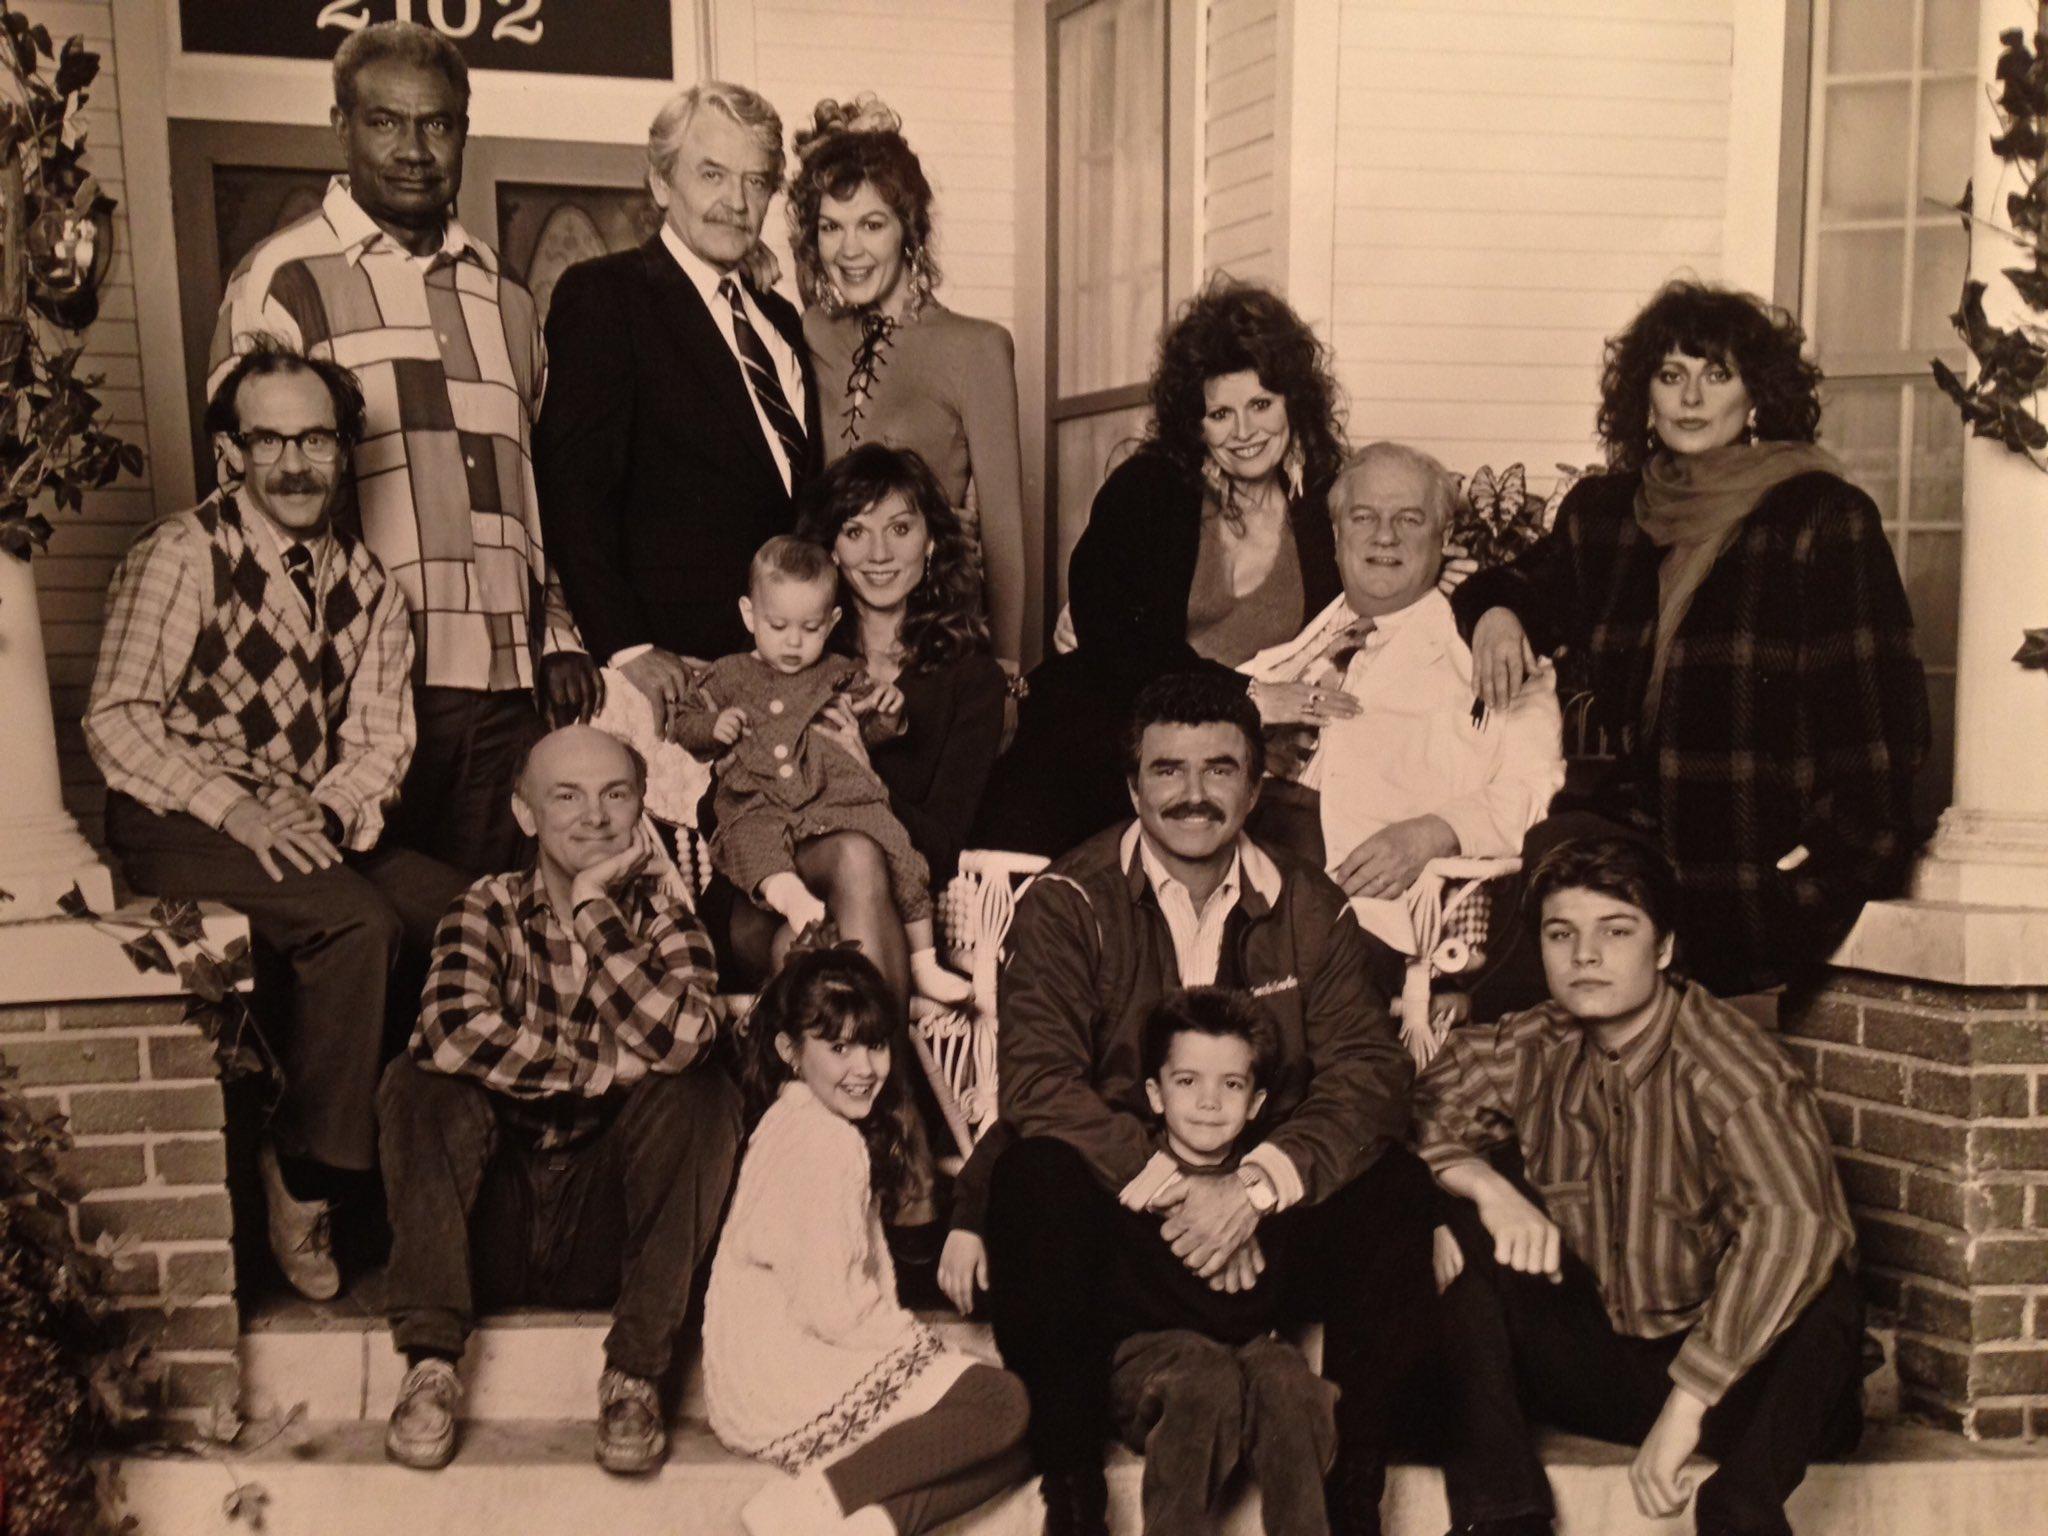 Happy Birthday to Mr. Burt Reynolds!